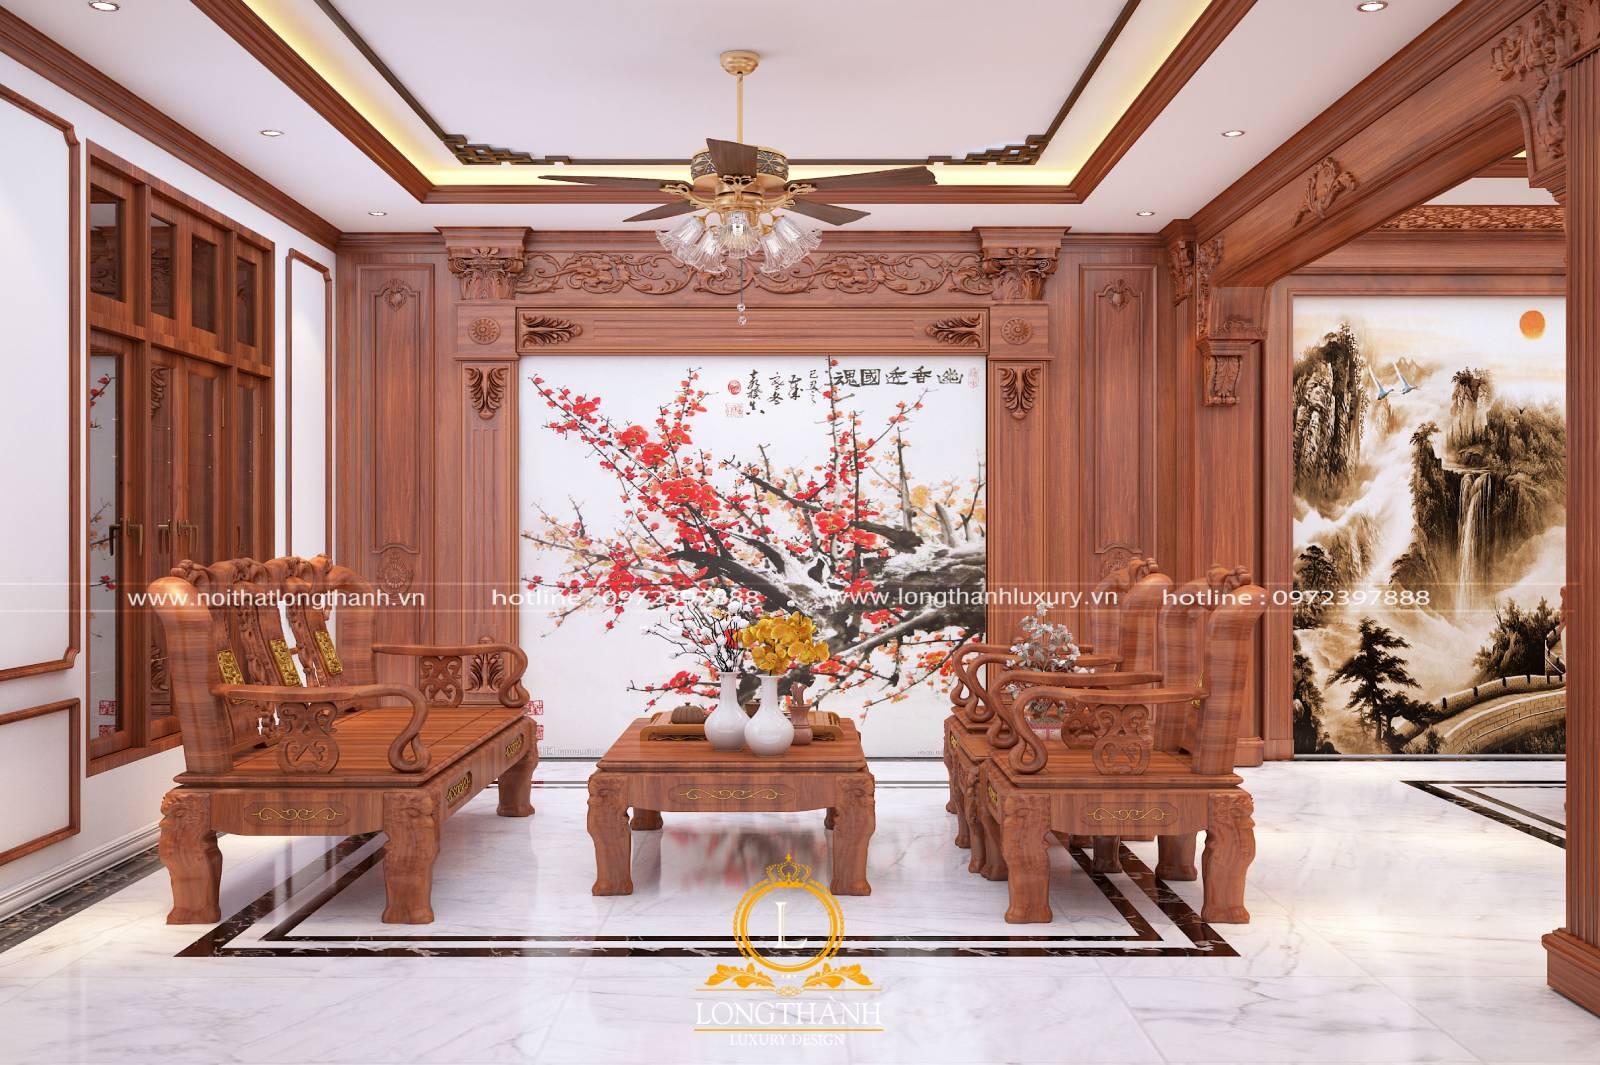 Mẫu sofa văng gỗ tự nhiên thiết kế theo phong cách tân cổ điển cho phòng khách biệt thự